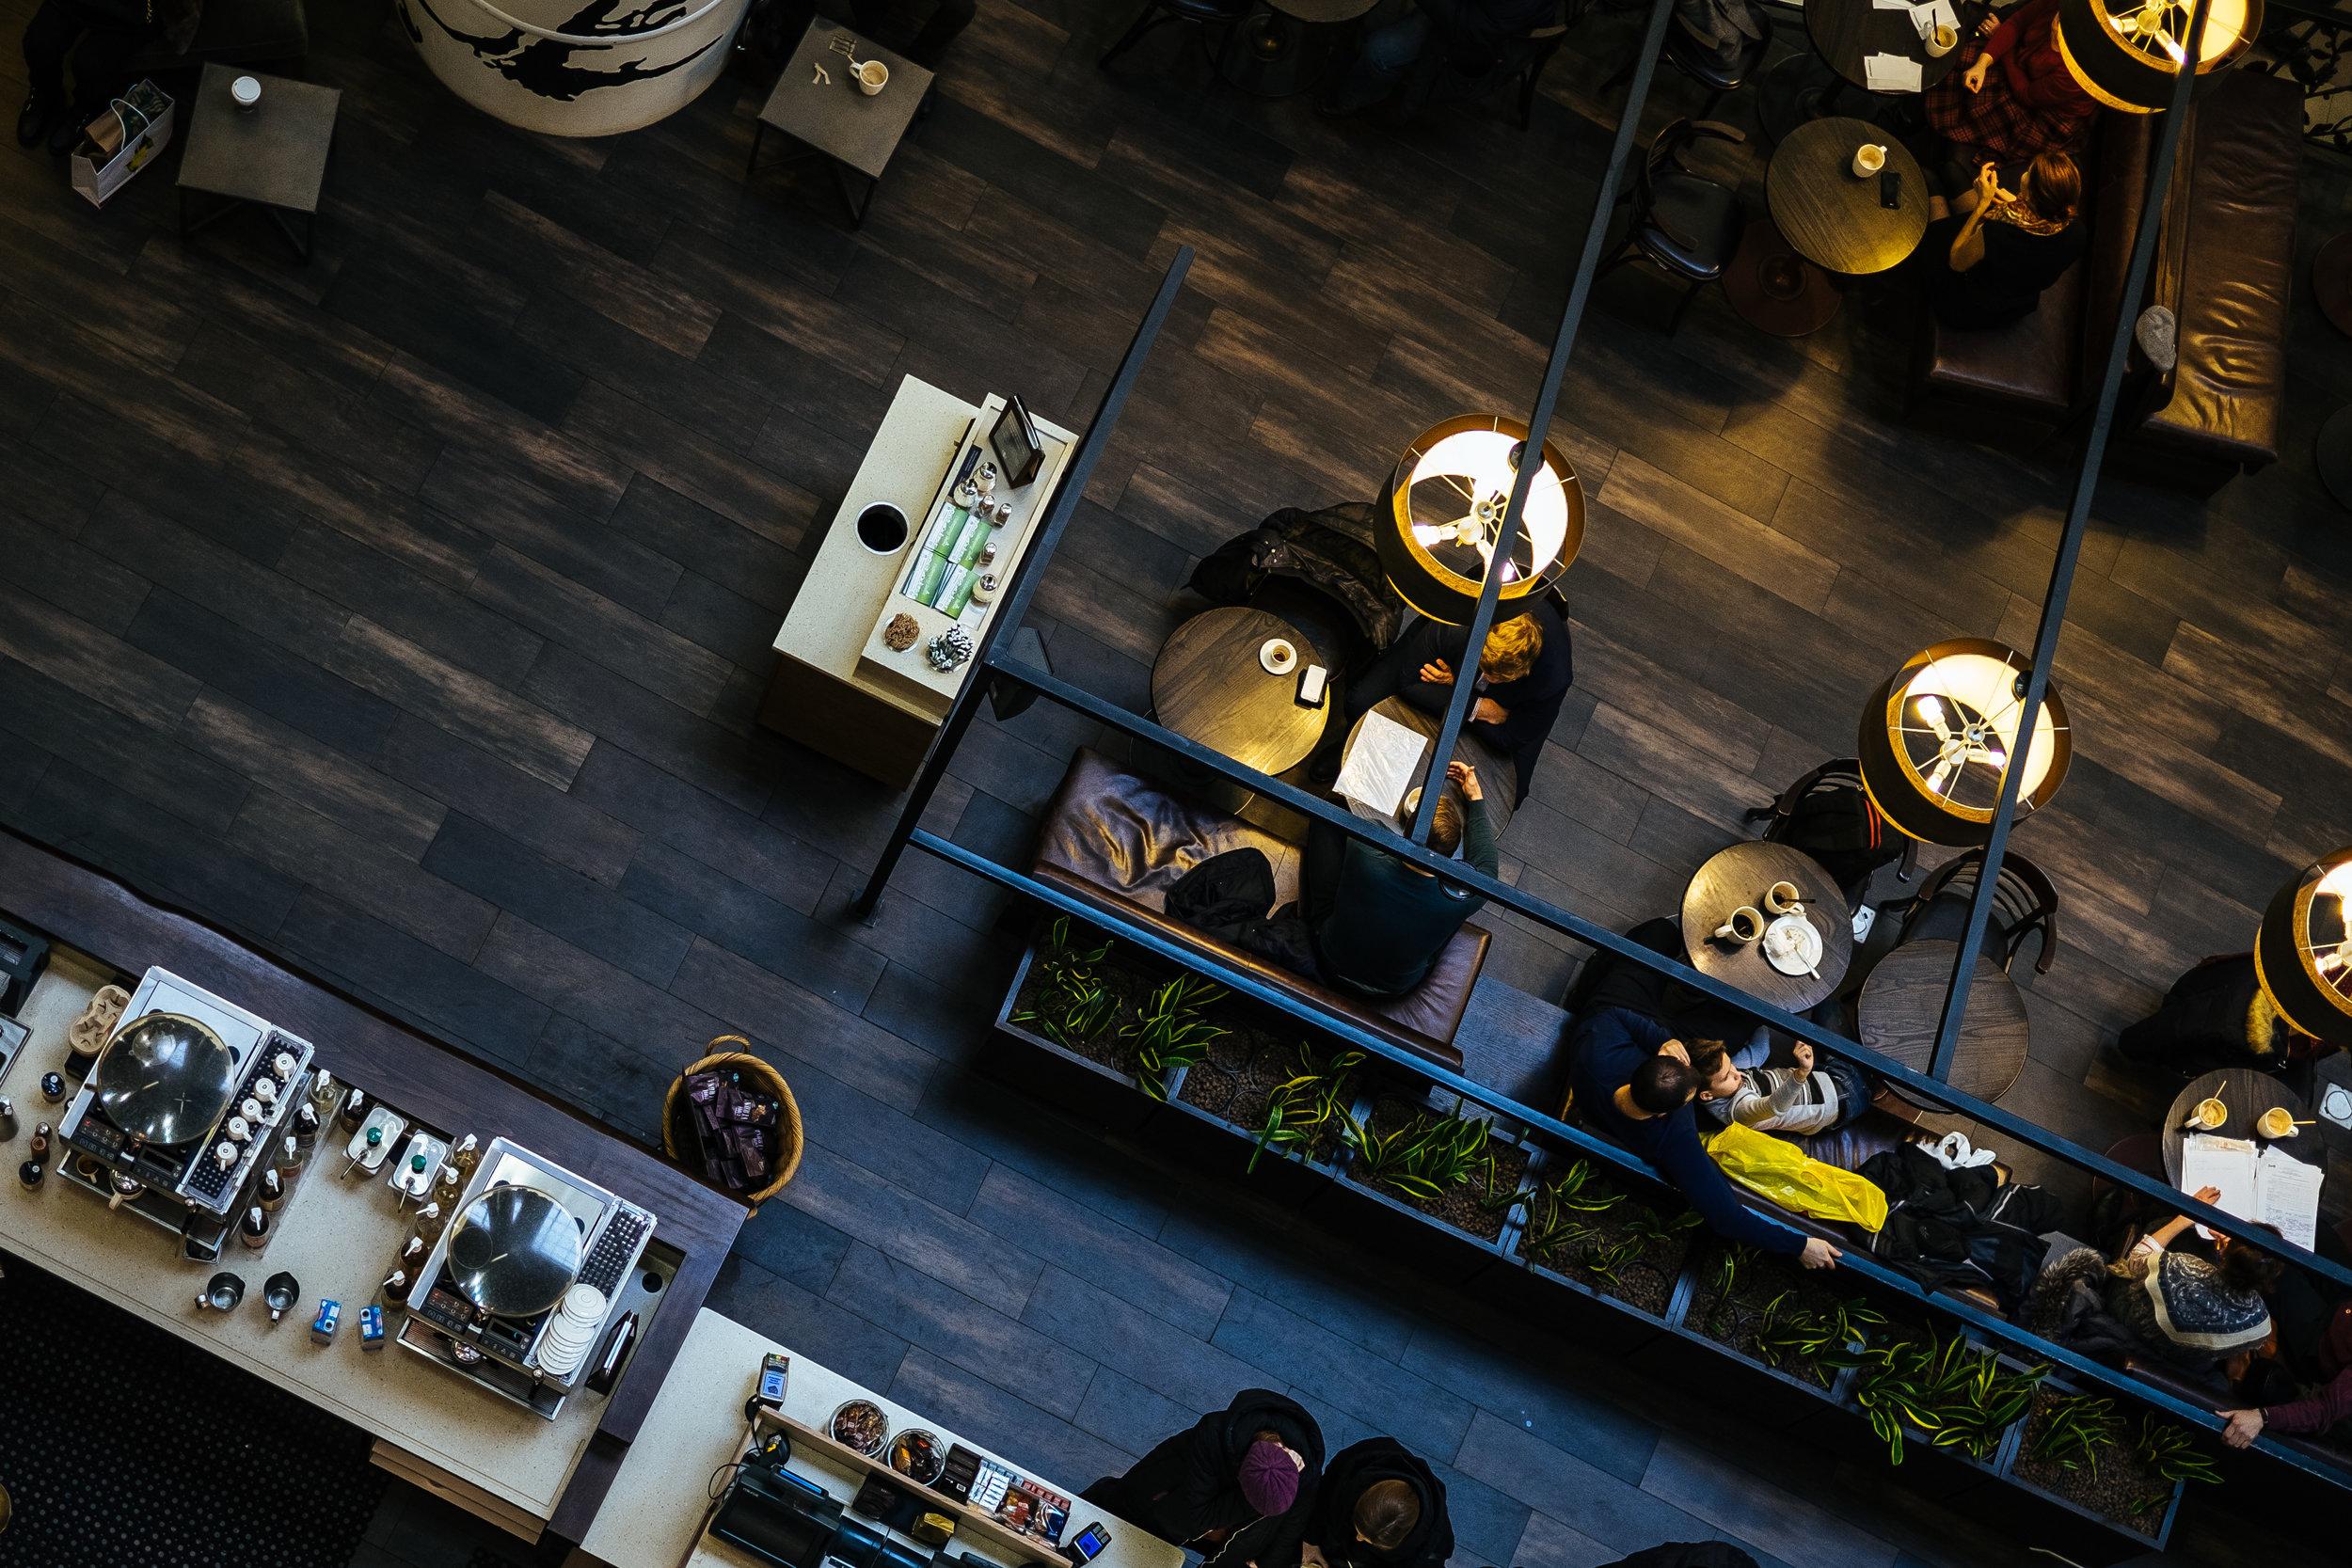 Atendemos construtoras, incorporadoras, hotéis restaurantes e escritórios de arquitetura. - Conheça as vantagens:Condições especiais de pagamento Customização dos produtosAtendimento personalizadoPrazo diferenciadoEntregamos em todo brasil